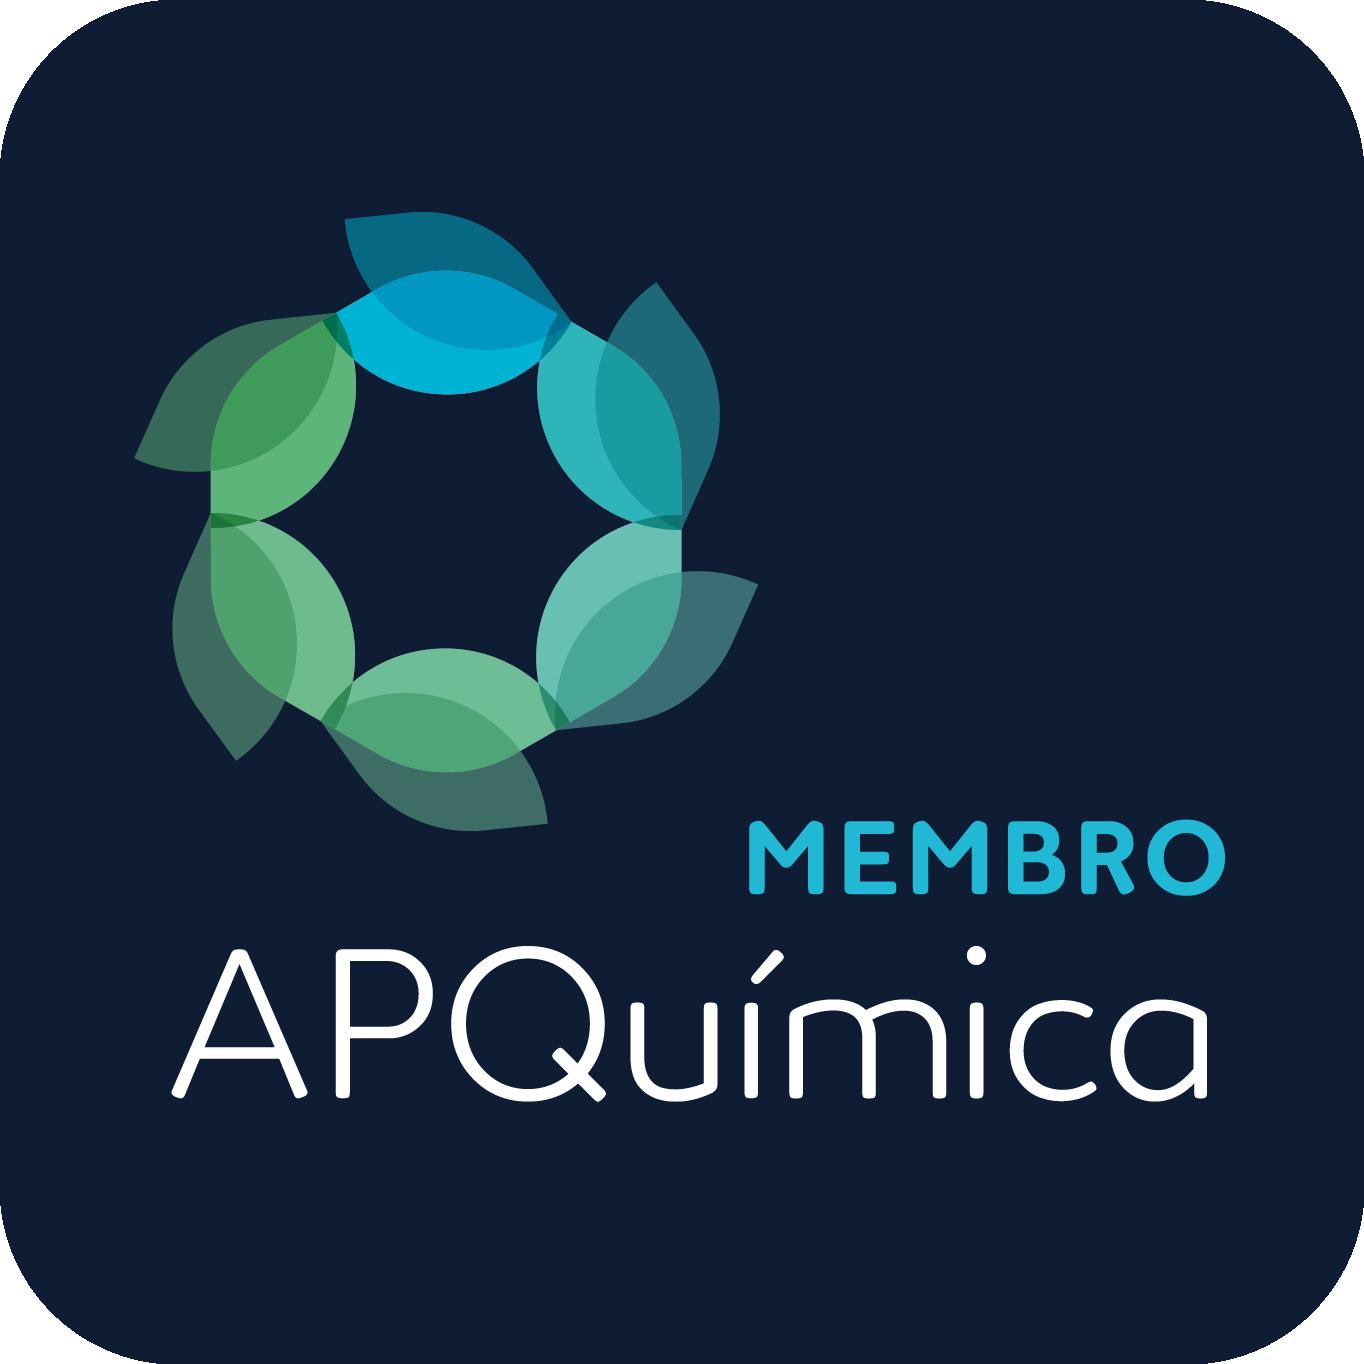 APQuimica logo